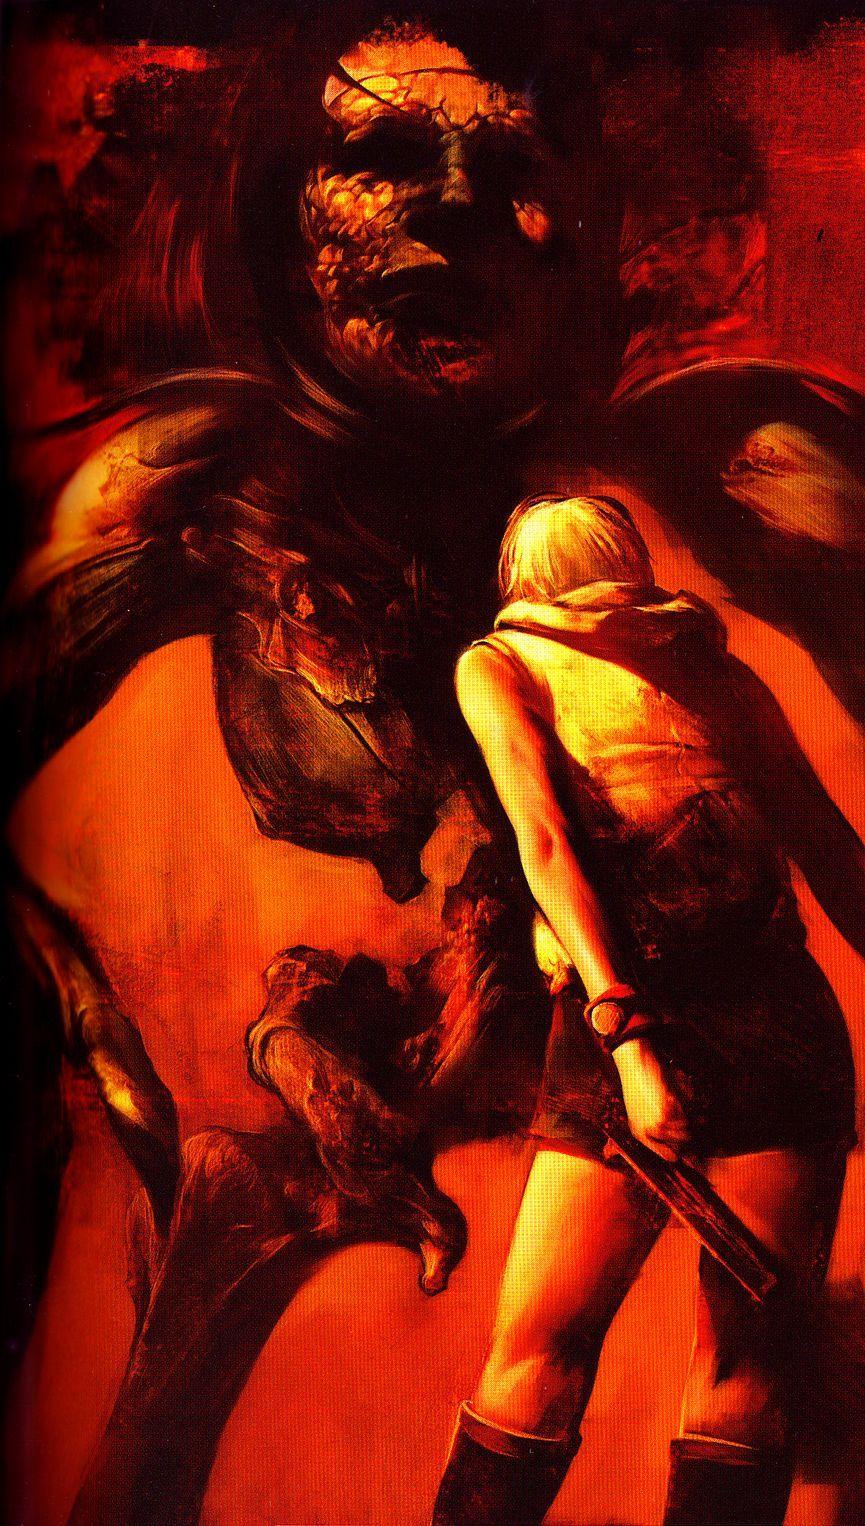 ¿Qué otros nombres recibe la diosa de la religión de Silent Hill?